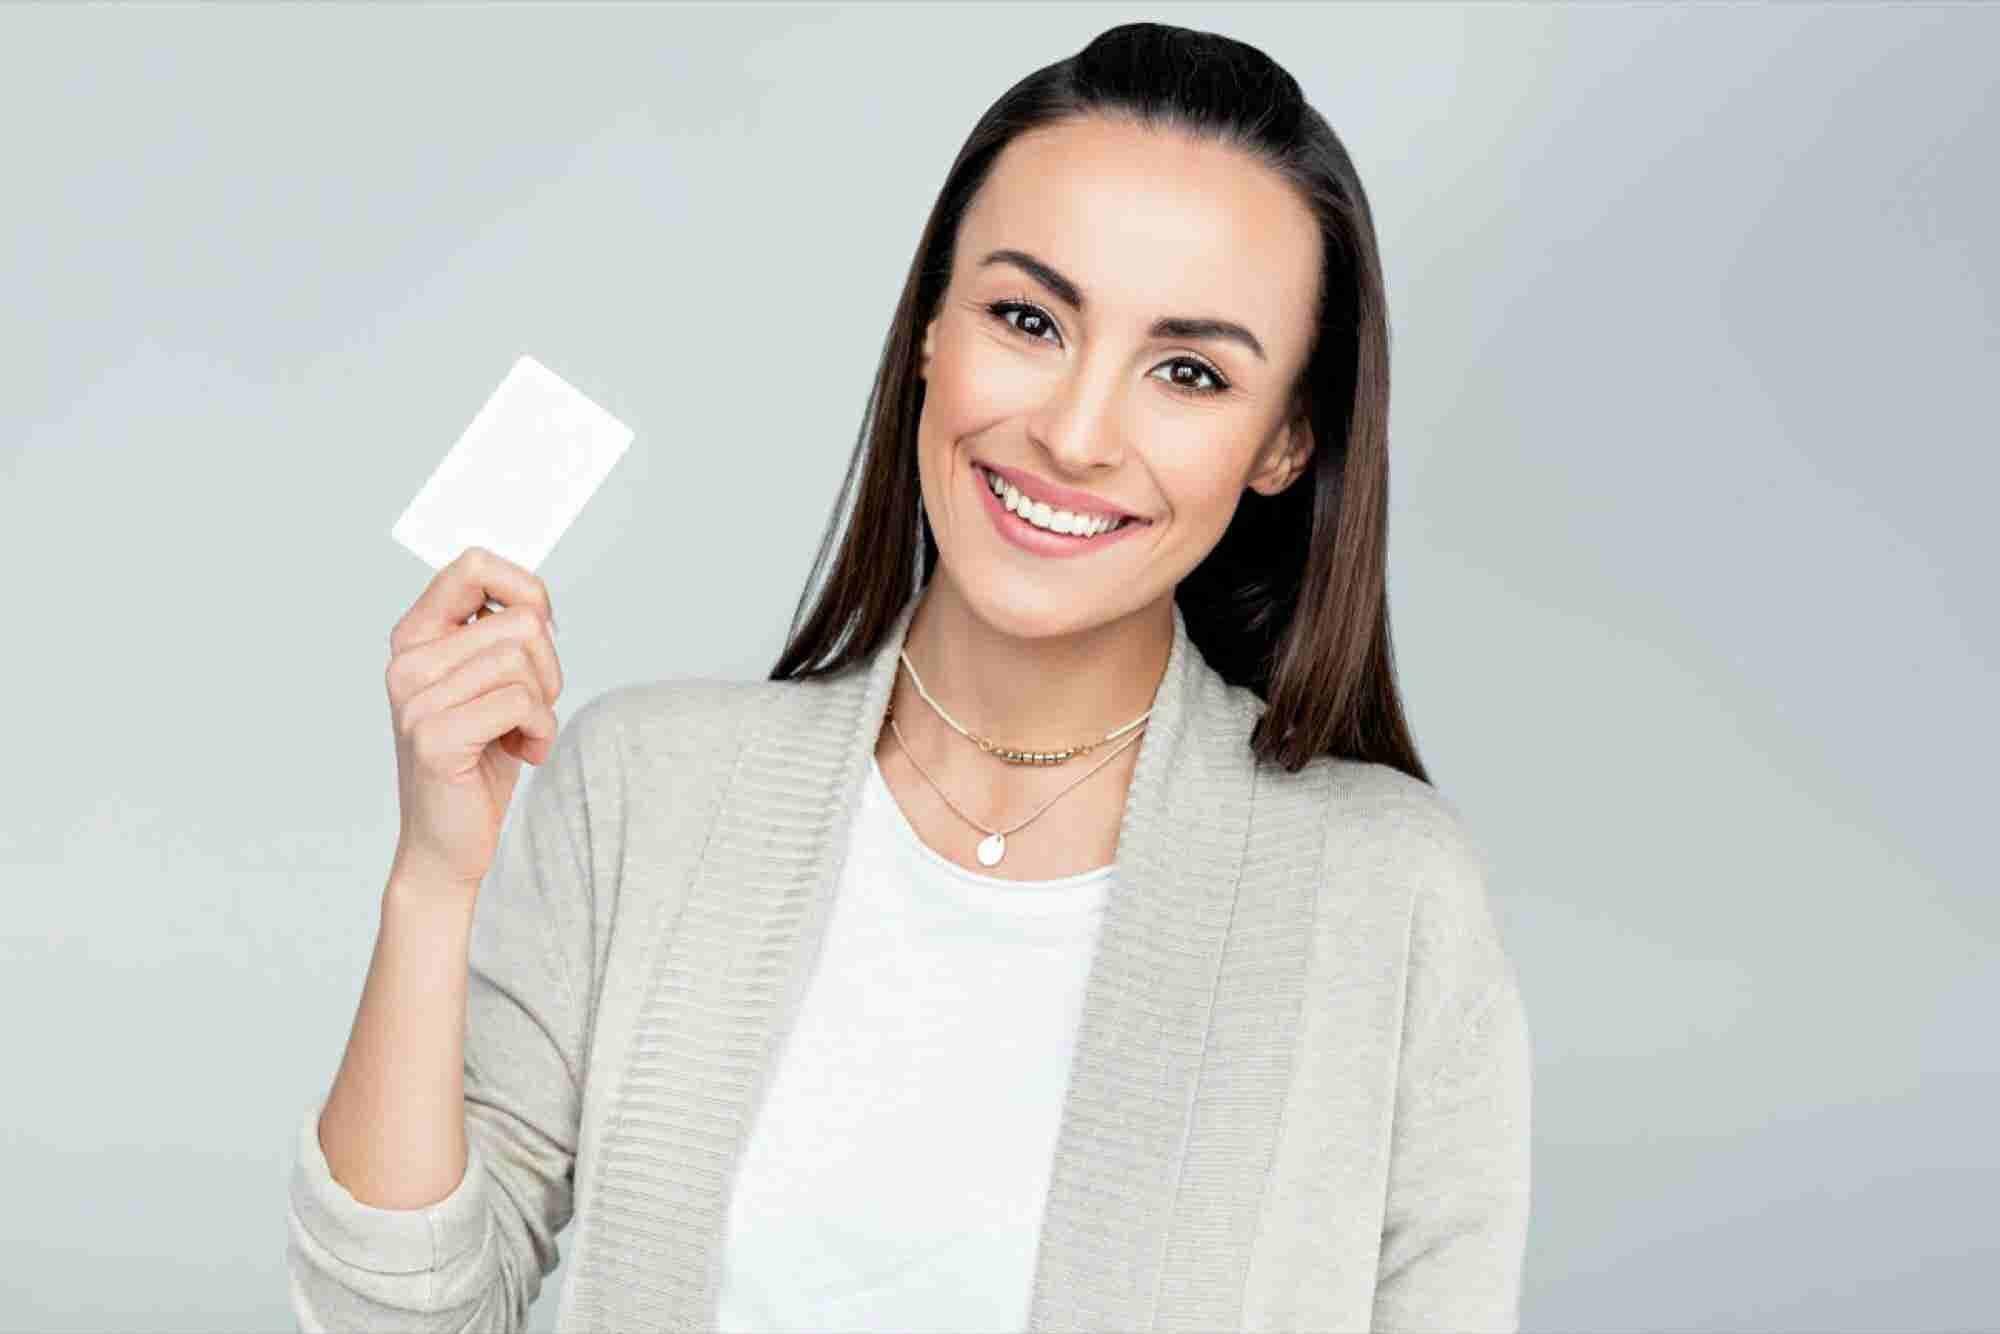 Apoyo a emprendedores: ¿qué financiamientos puedo obtener?